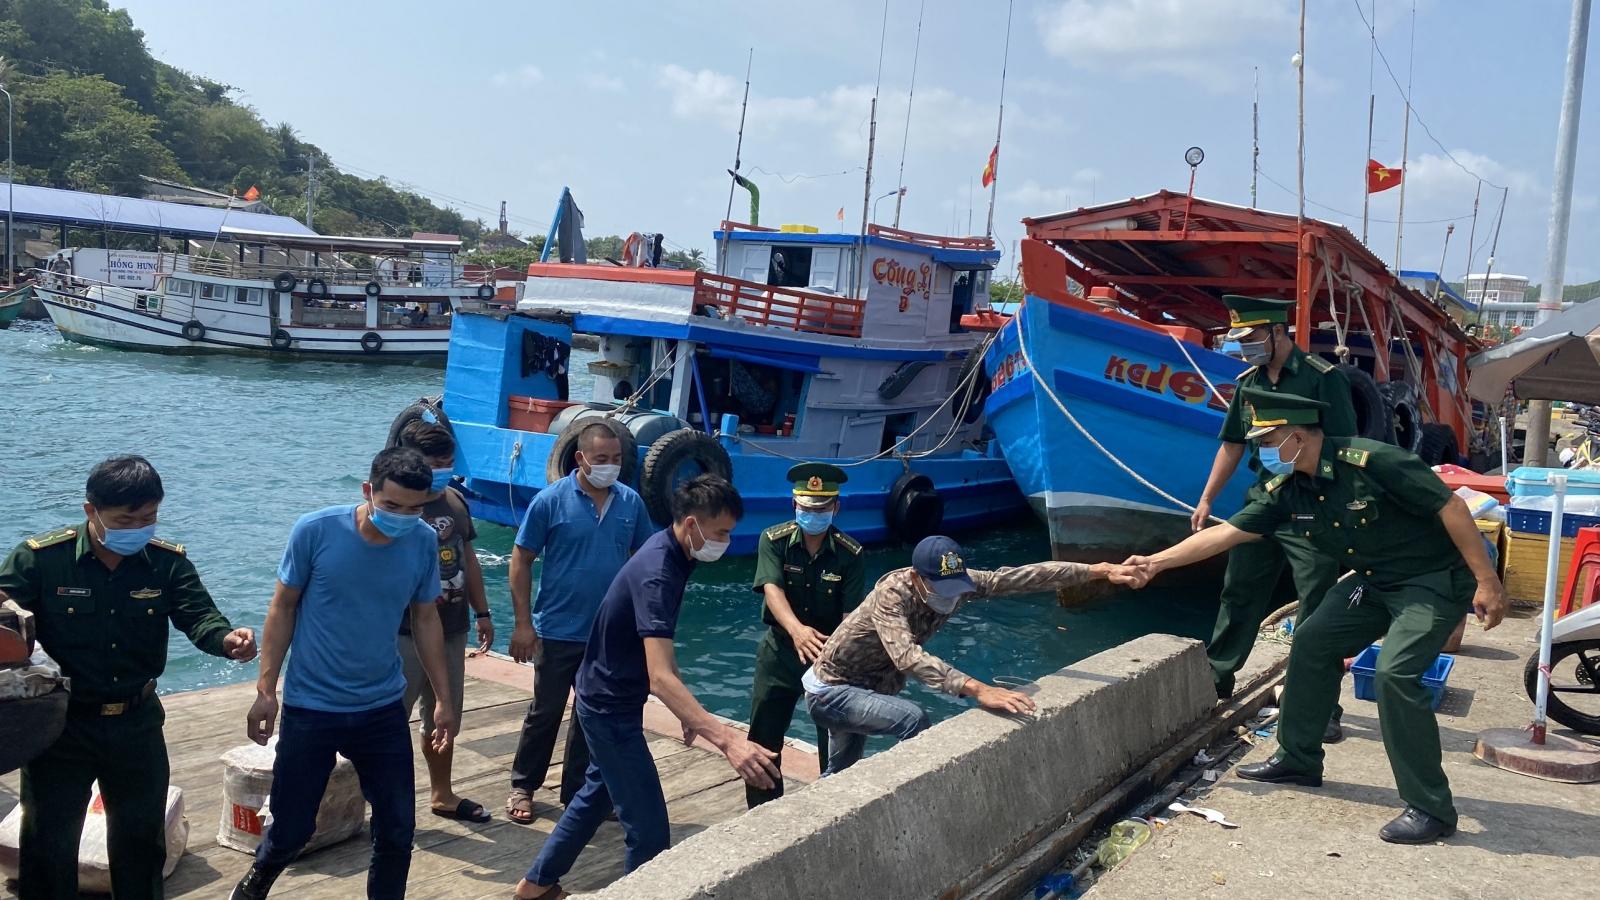 Công an tỉnh Kiên Giang tiếp tục điều tra vụ đưa 23 người qua biên giới trái phép